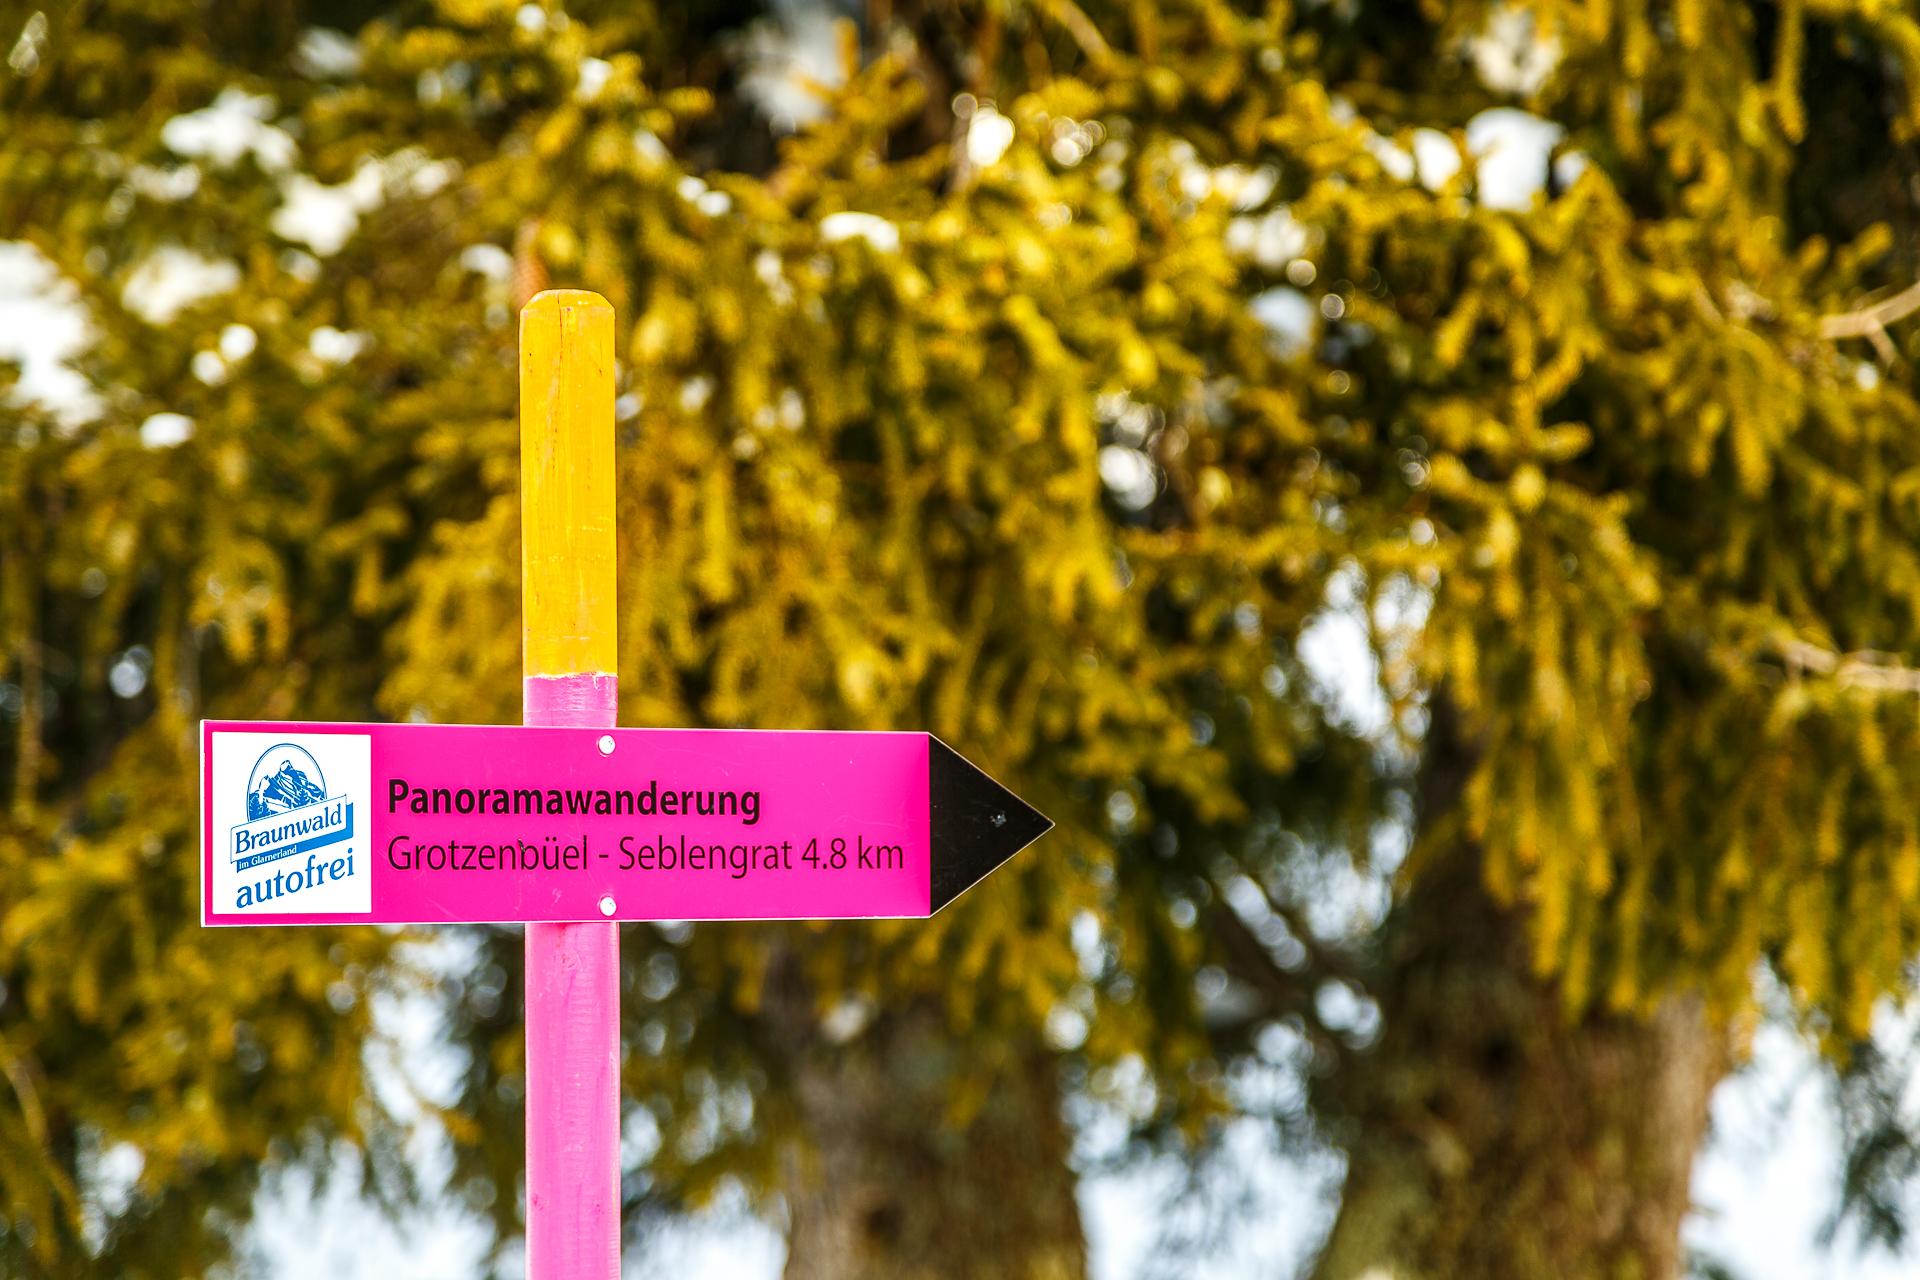 Panoramawanderung-Grotzenbuehl-Seblengrat